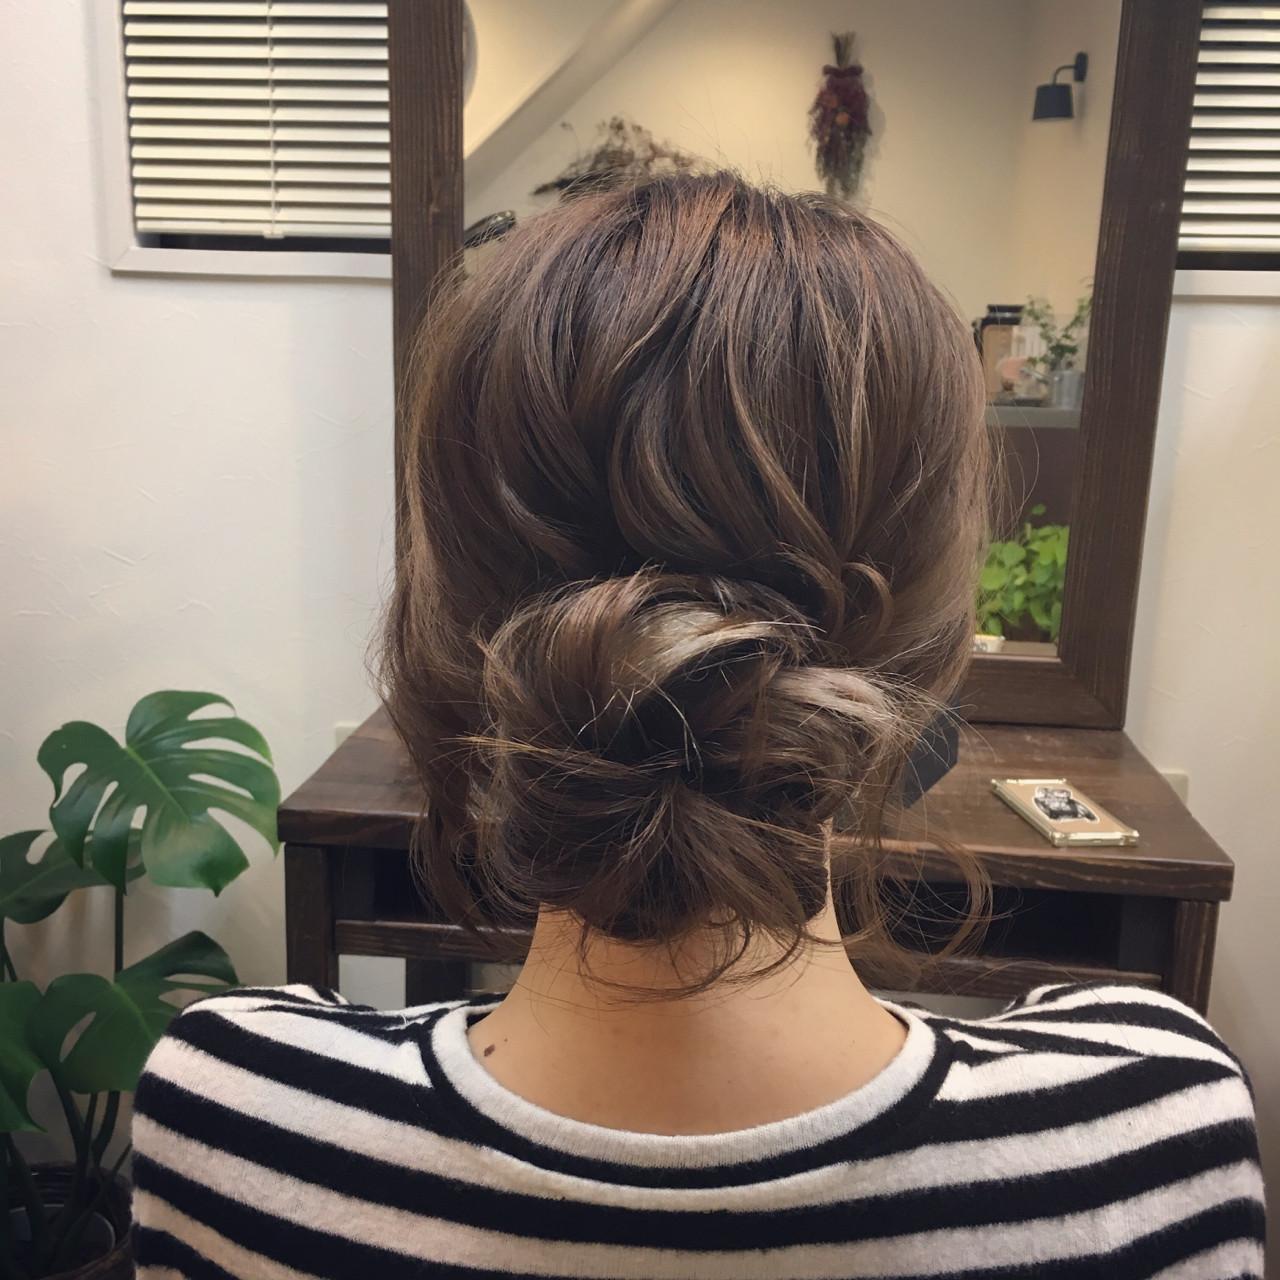 ナチュラル 簡単ヘアアレンジ ウェーブ アンニュイ ヘアスタイルや髪型の写真・画像 | 平野ちなみ / Petit chou chou